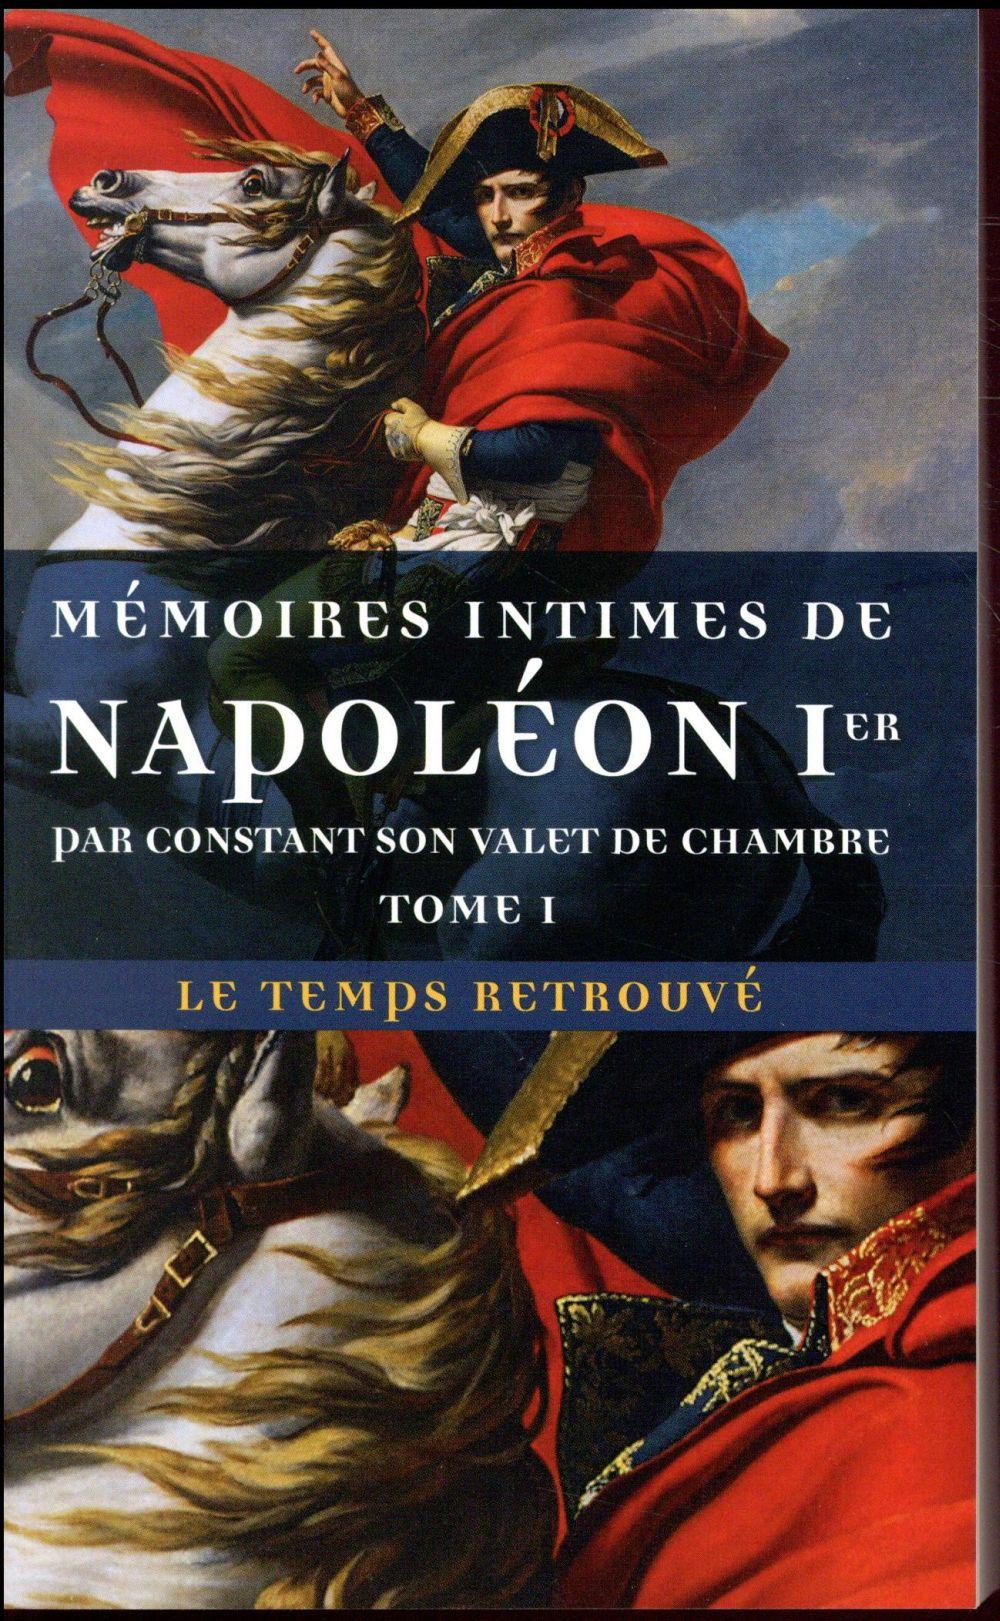 Mémoires intimes de Napoléon Ier par Constant, son valet de chambre t.1